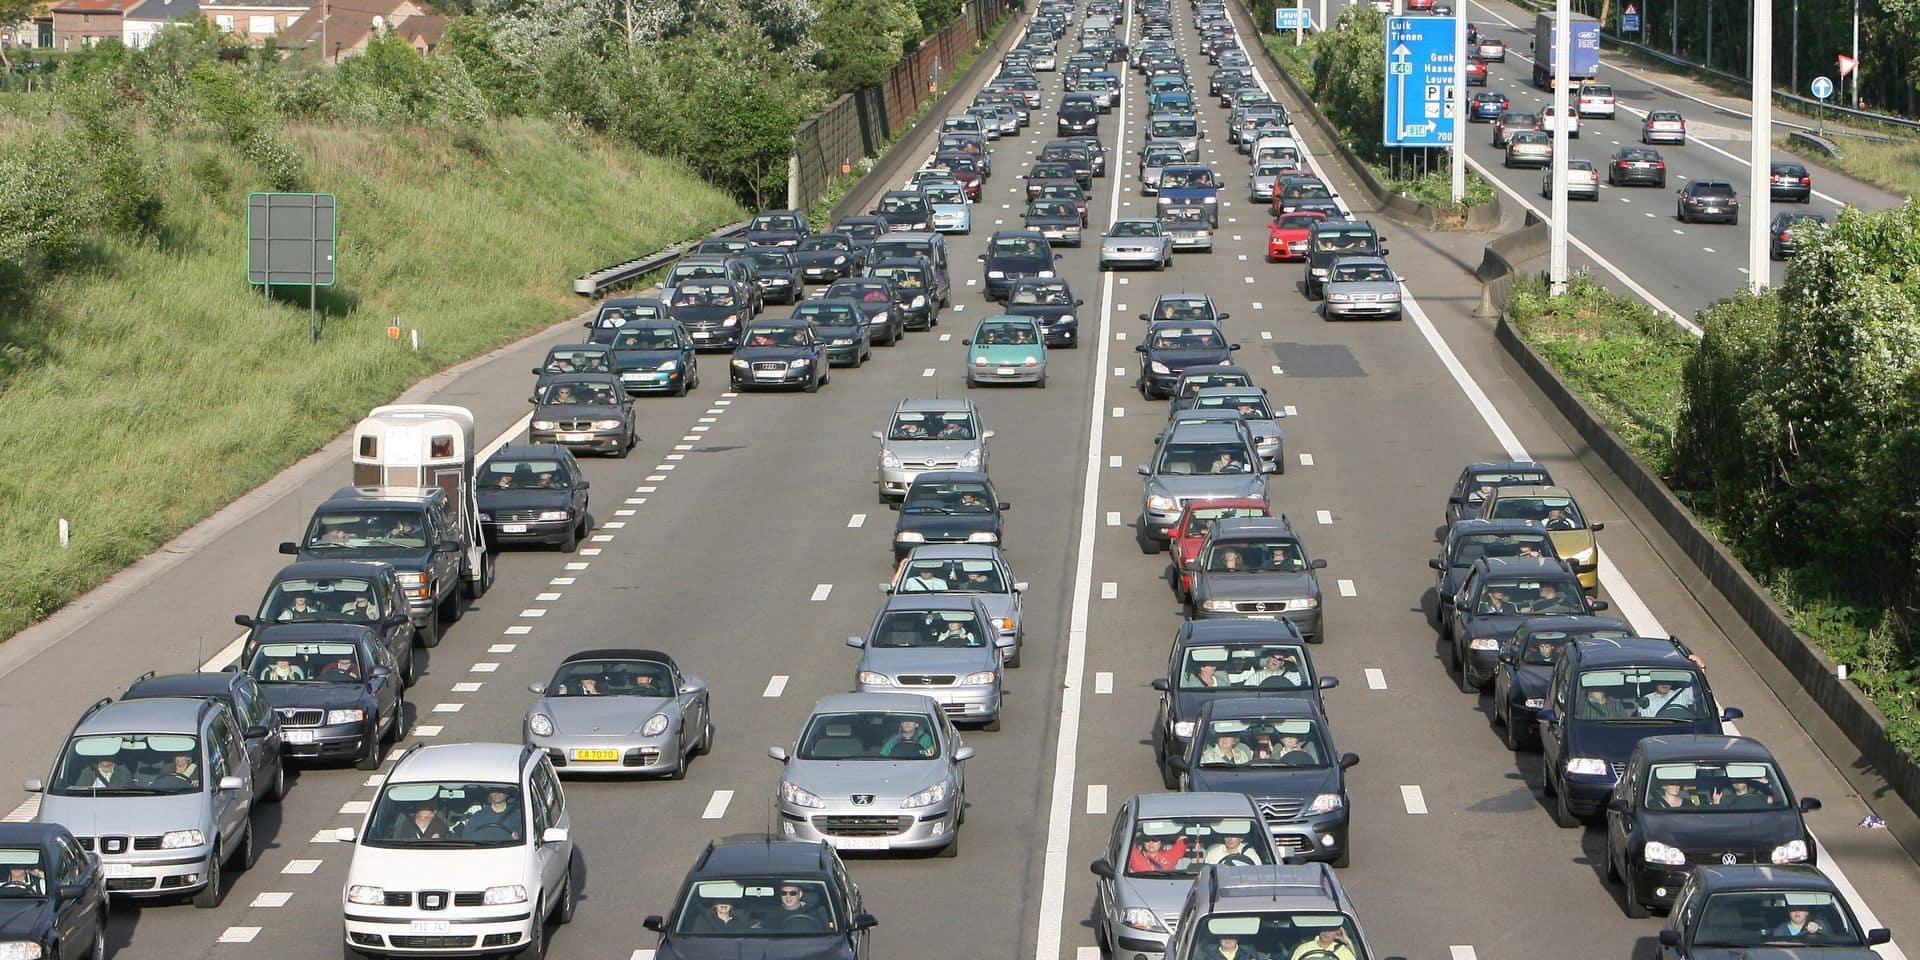 Des problèmes à la suite d'un accident sur la E40 à Oostkamp, vers Ostende et en direction de Bruxelles